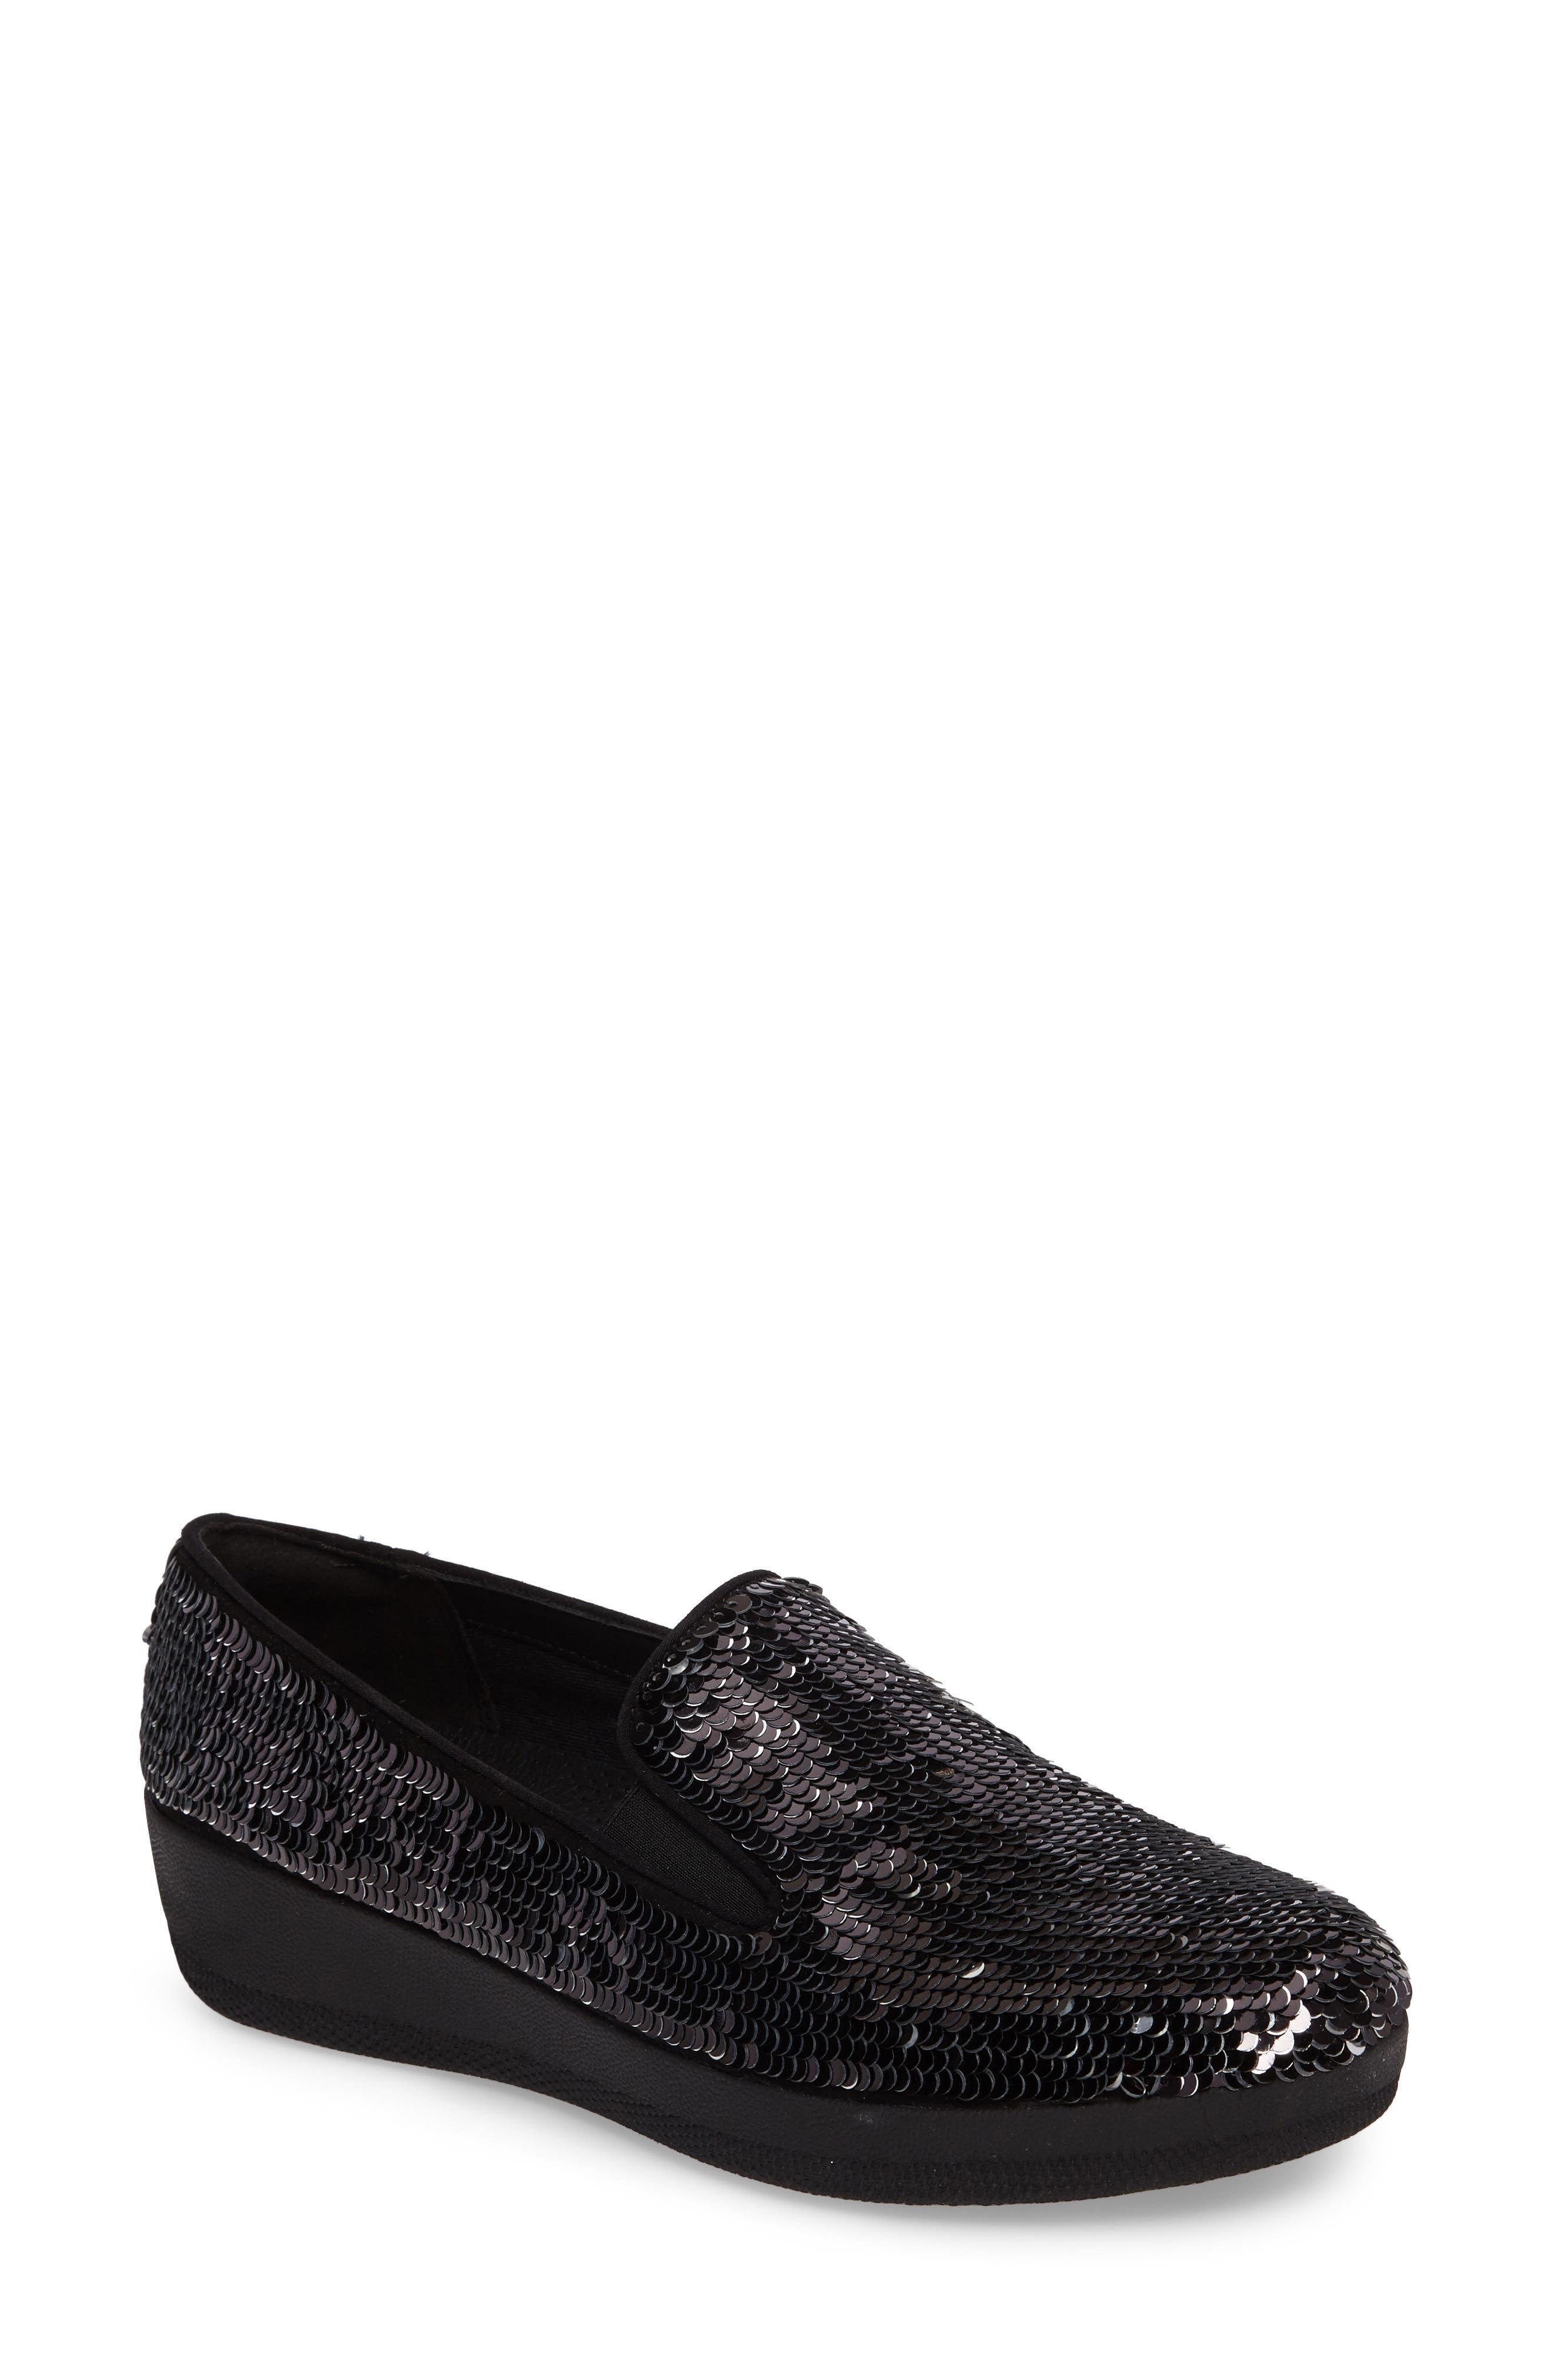 FitFlop Superskate Sequin Slip-On Sneaker (Women)